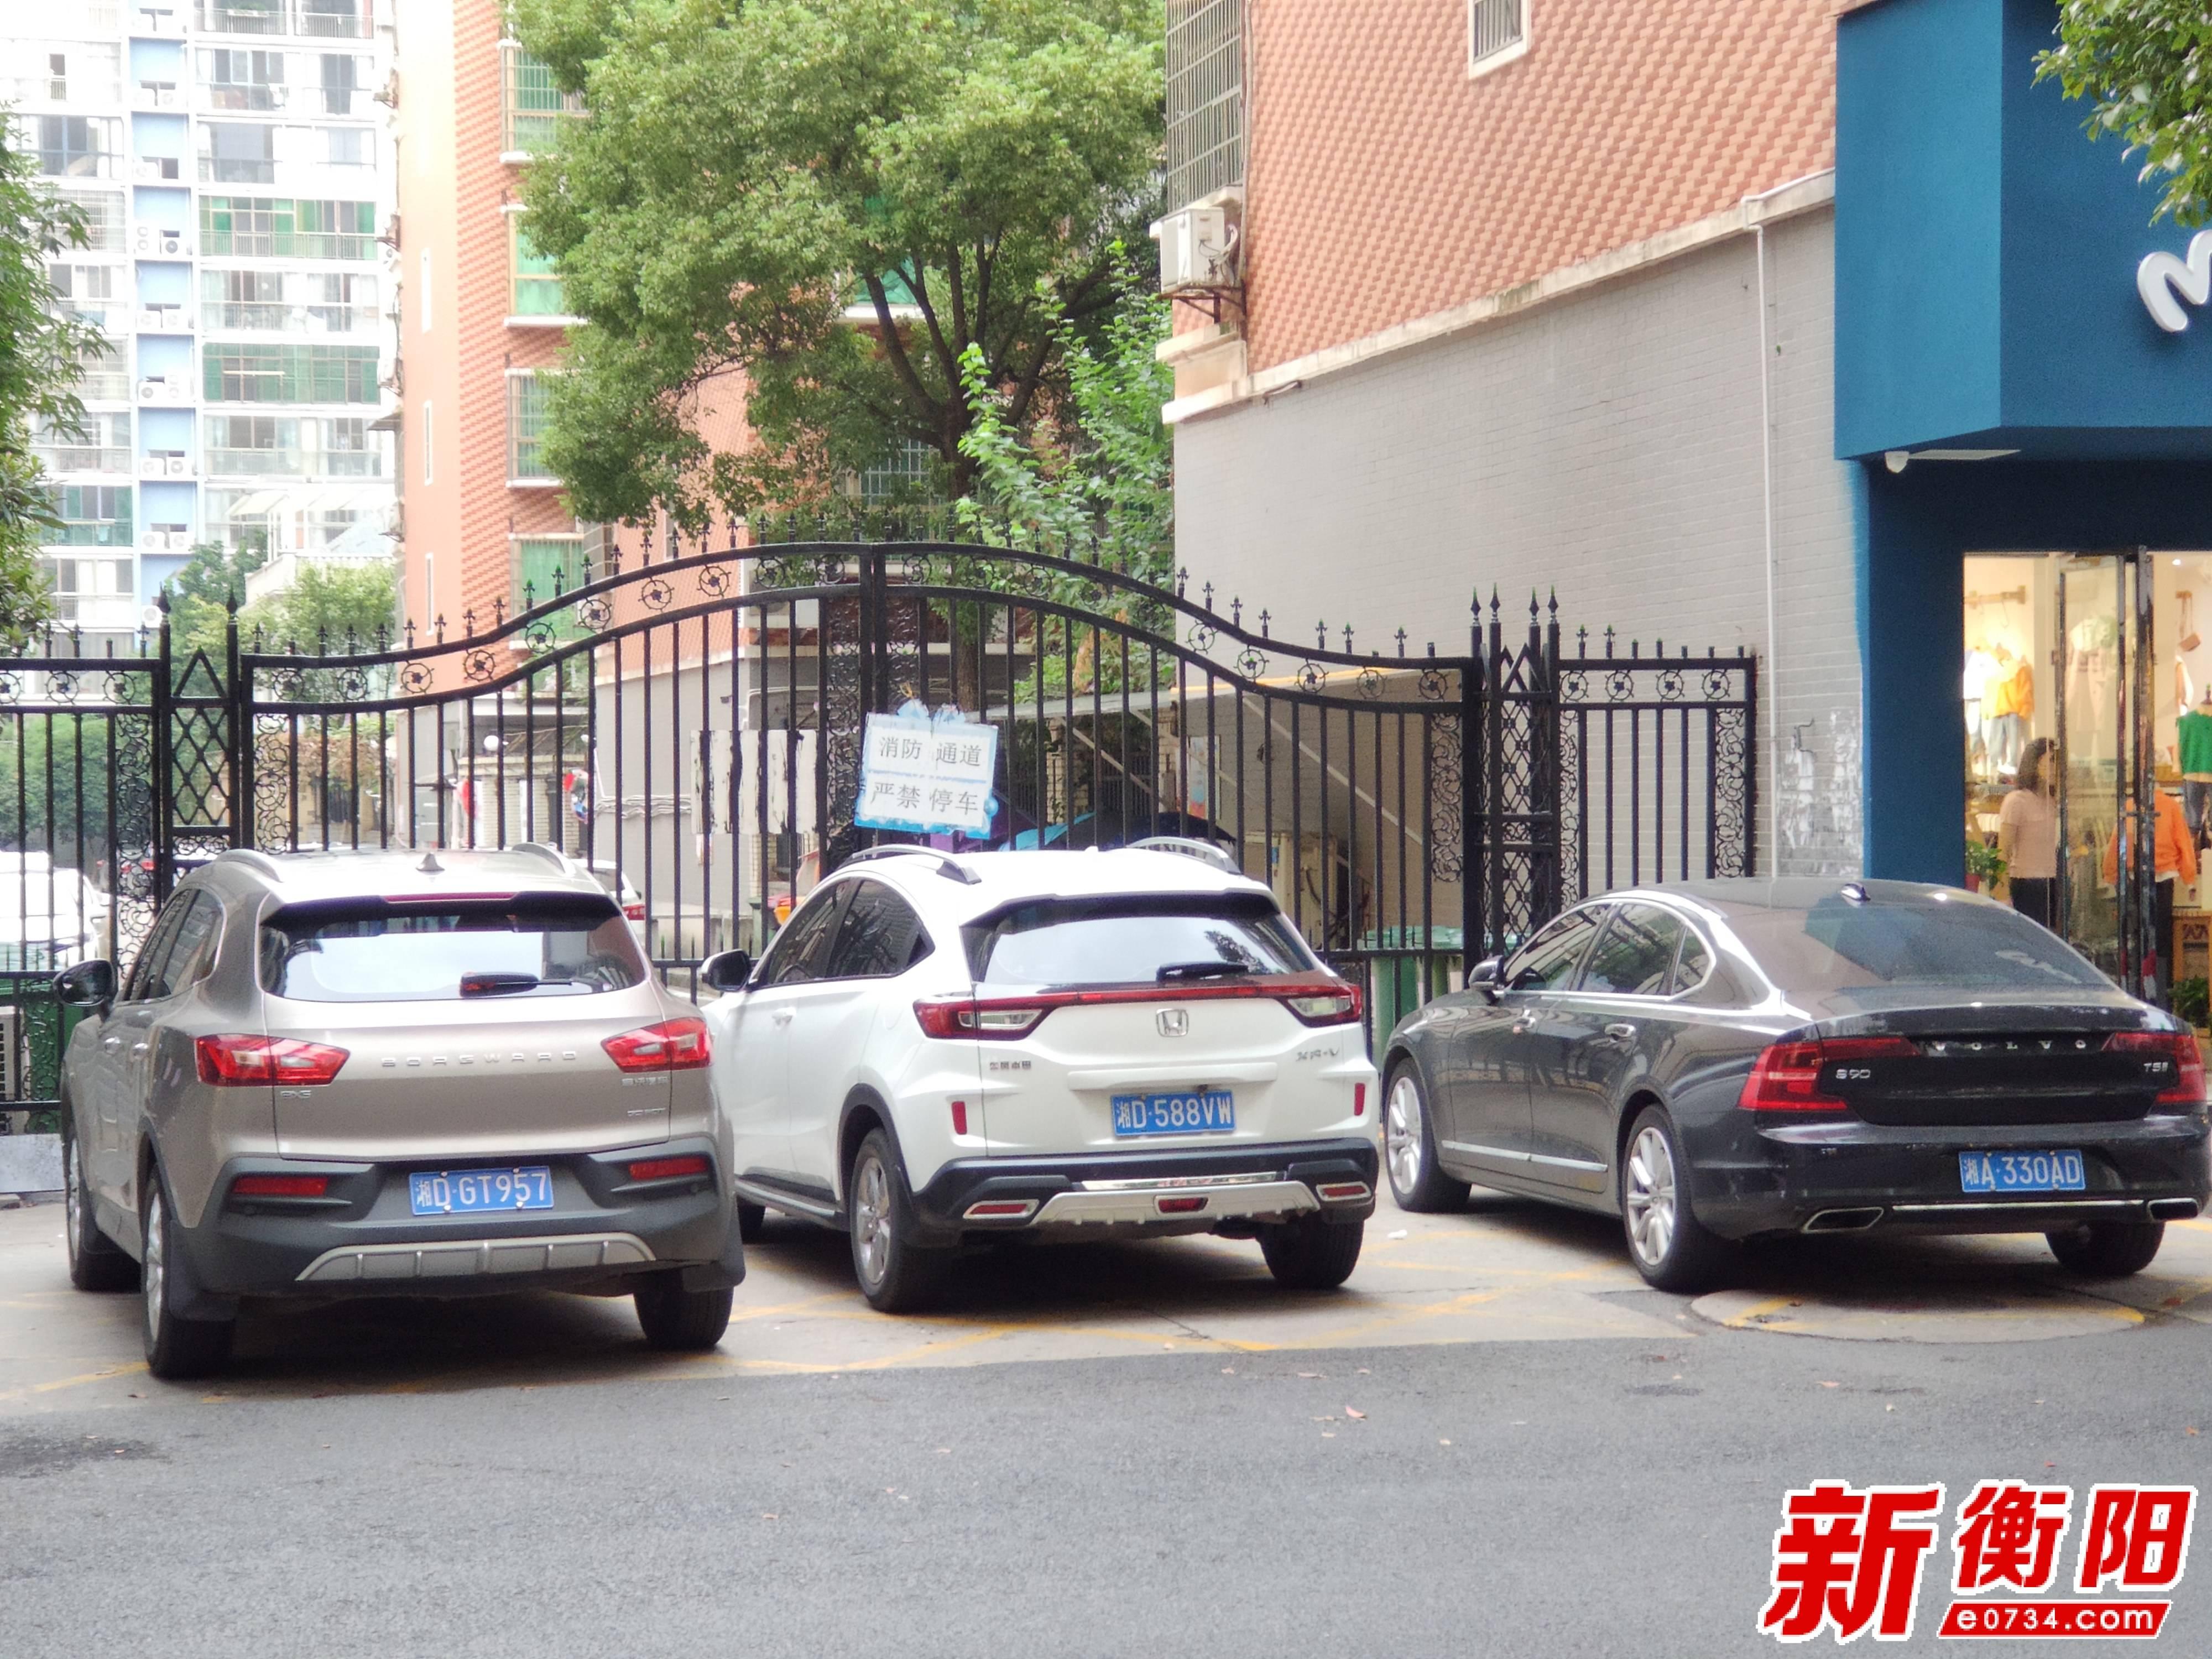 """向不文明行为说""""不"""":高新区桂花苑小区3台小车挤占消防通道"""